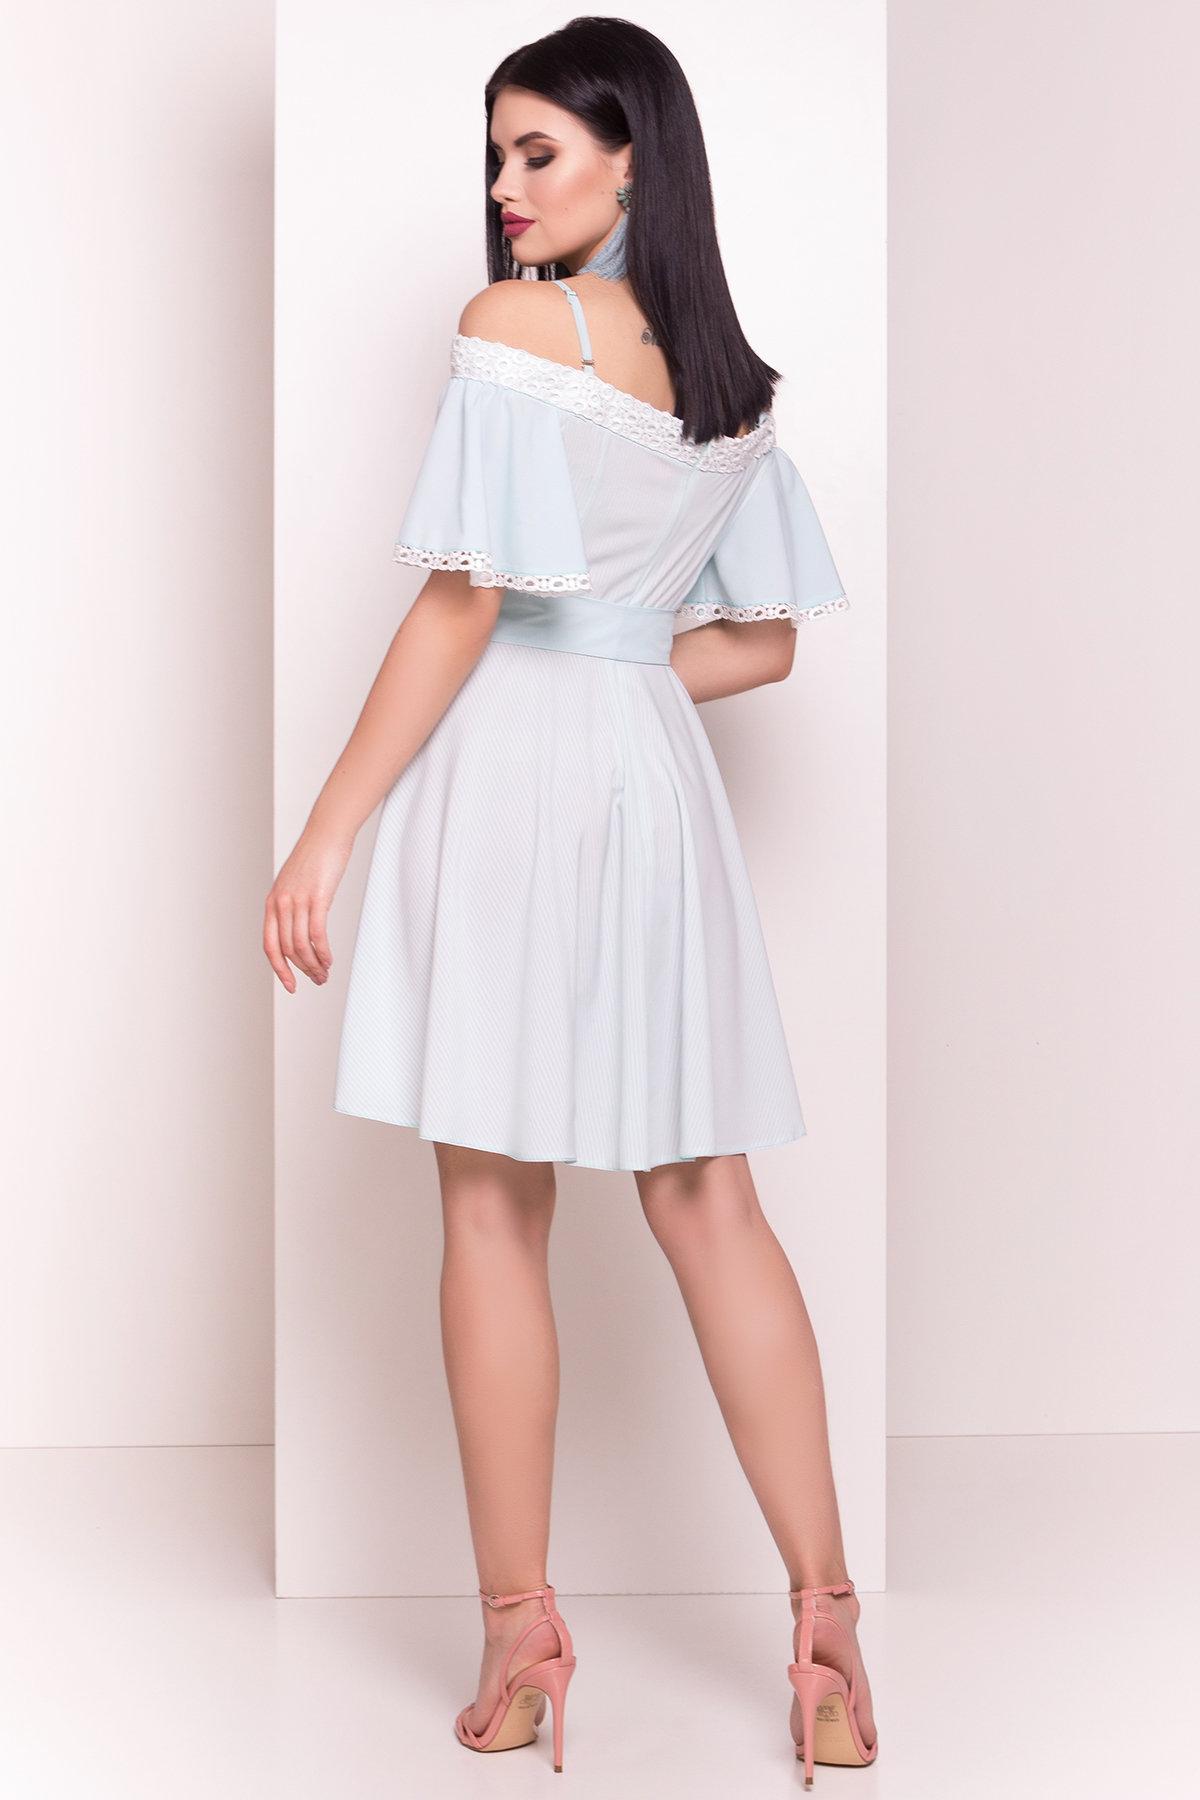 Платье Виолетта 4984 АРТ. 35585 Цвет: Мята/молоко полоска - фото 3, интернет магазин tm-modus.ru